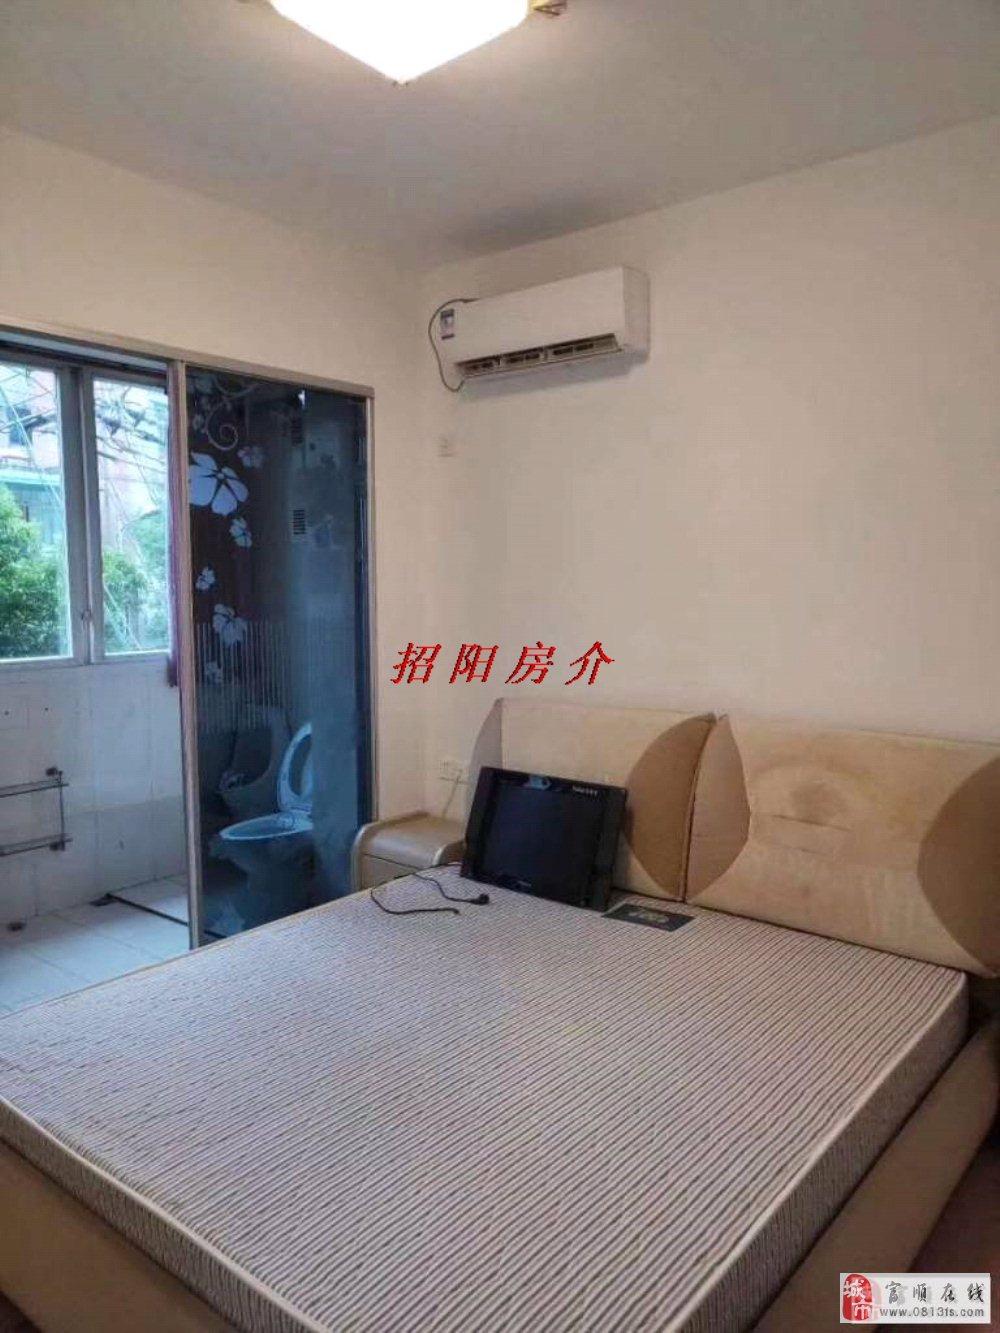 09429金三角黄金3楼3室2厅精装房主急售